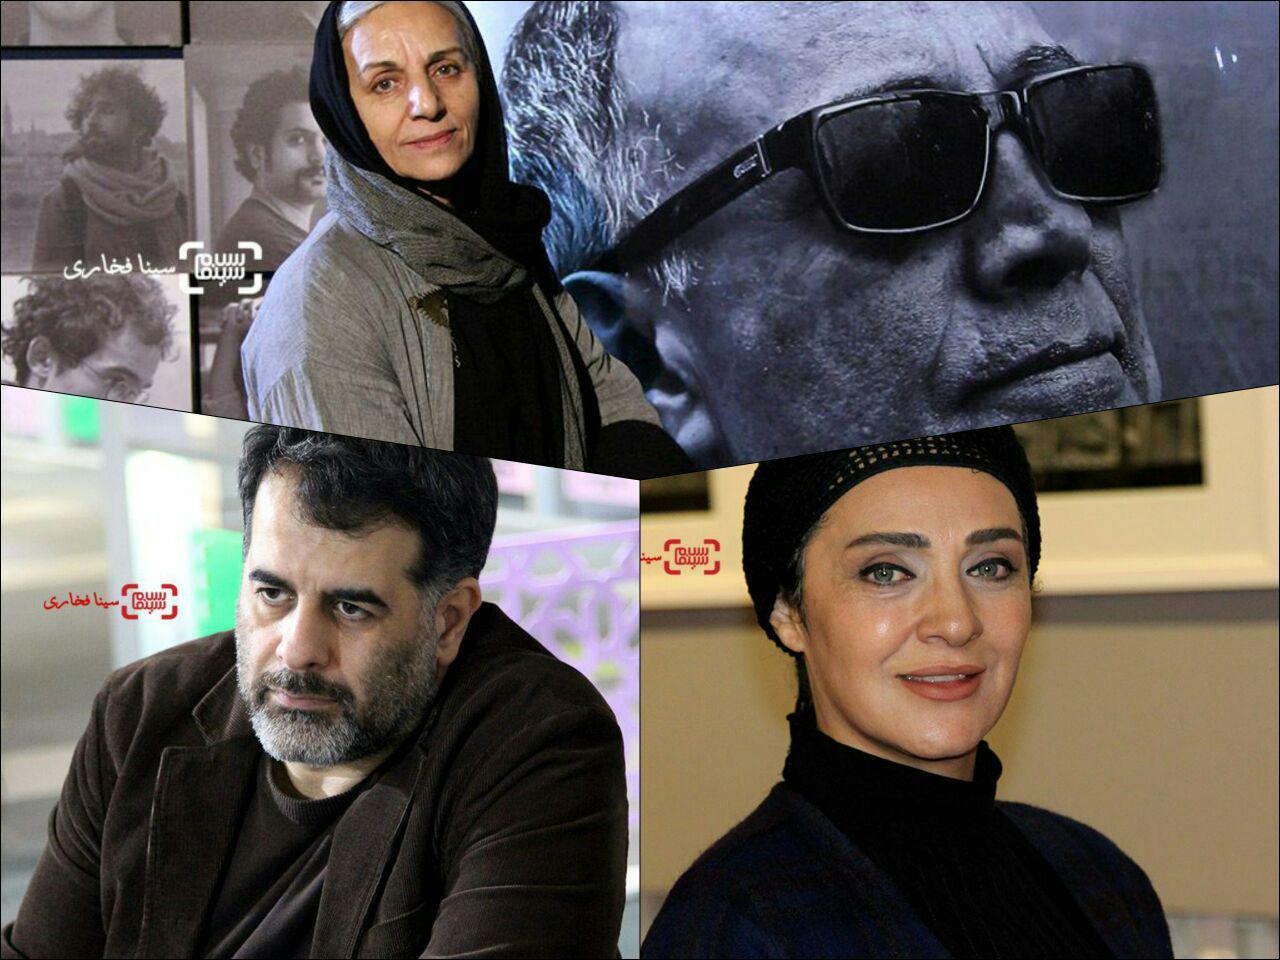 گزارش تصویری از سی و سومین جشنواره بین المللی فیلم کوتاه تهران1